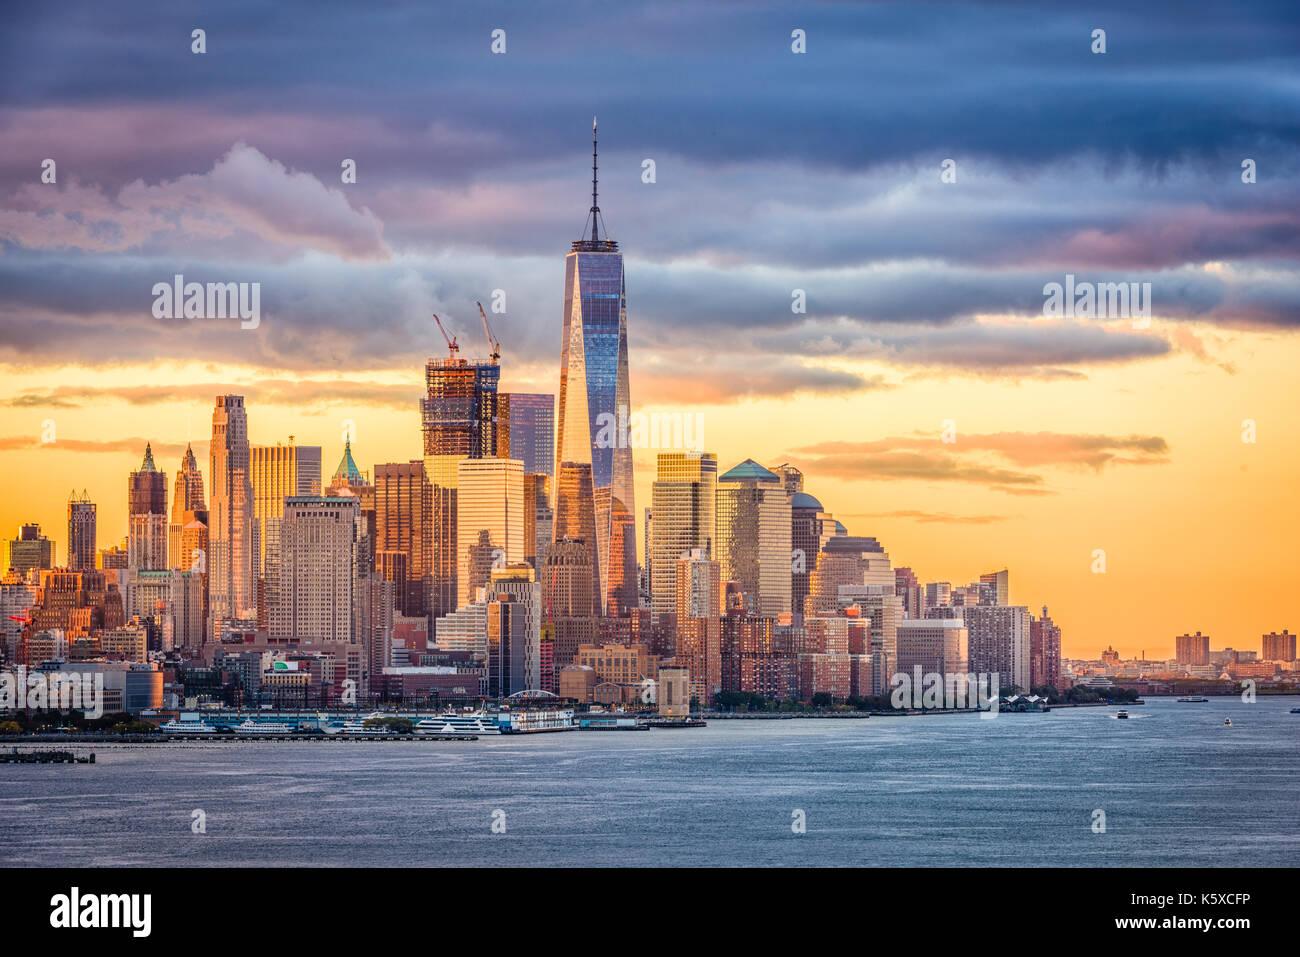 El distrito financiero de la ciudad de Nueva York sobre el río Hudson al amanecer. Imagen De Stock